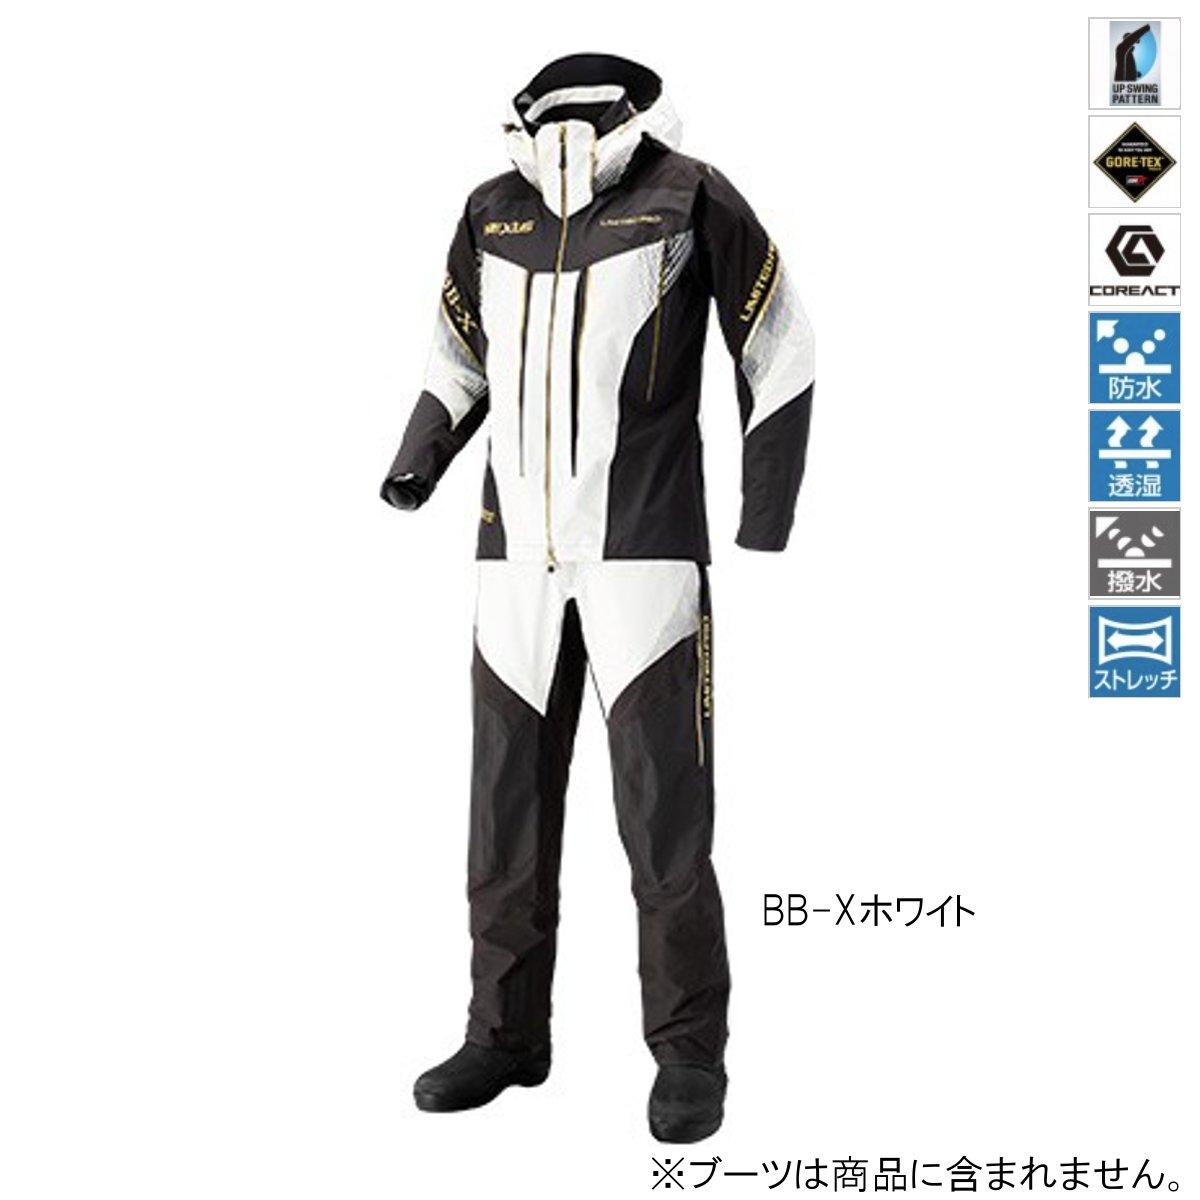 シマノ NEXUS・GORE-TEX レインスーツ LIMITED PRO RA-112S L BB-Xホワイト(東日本店)